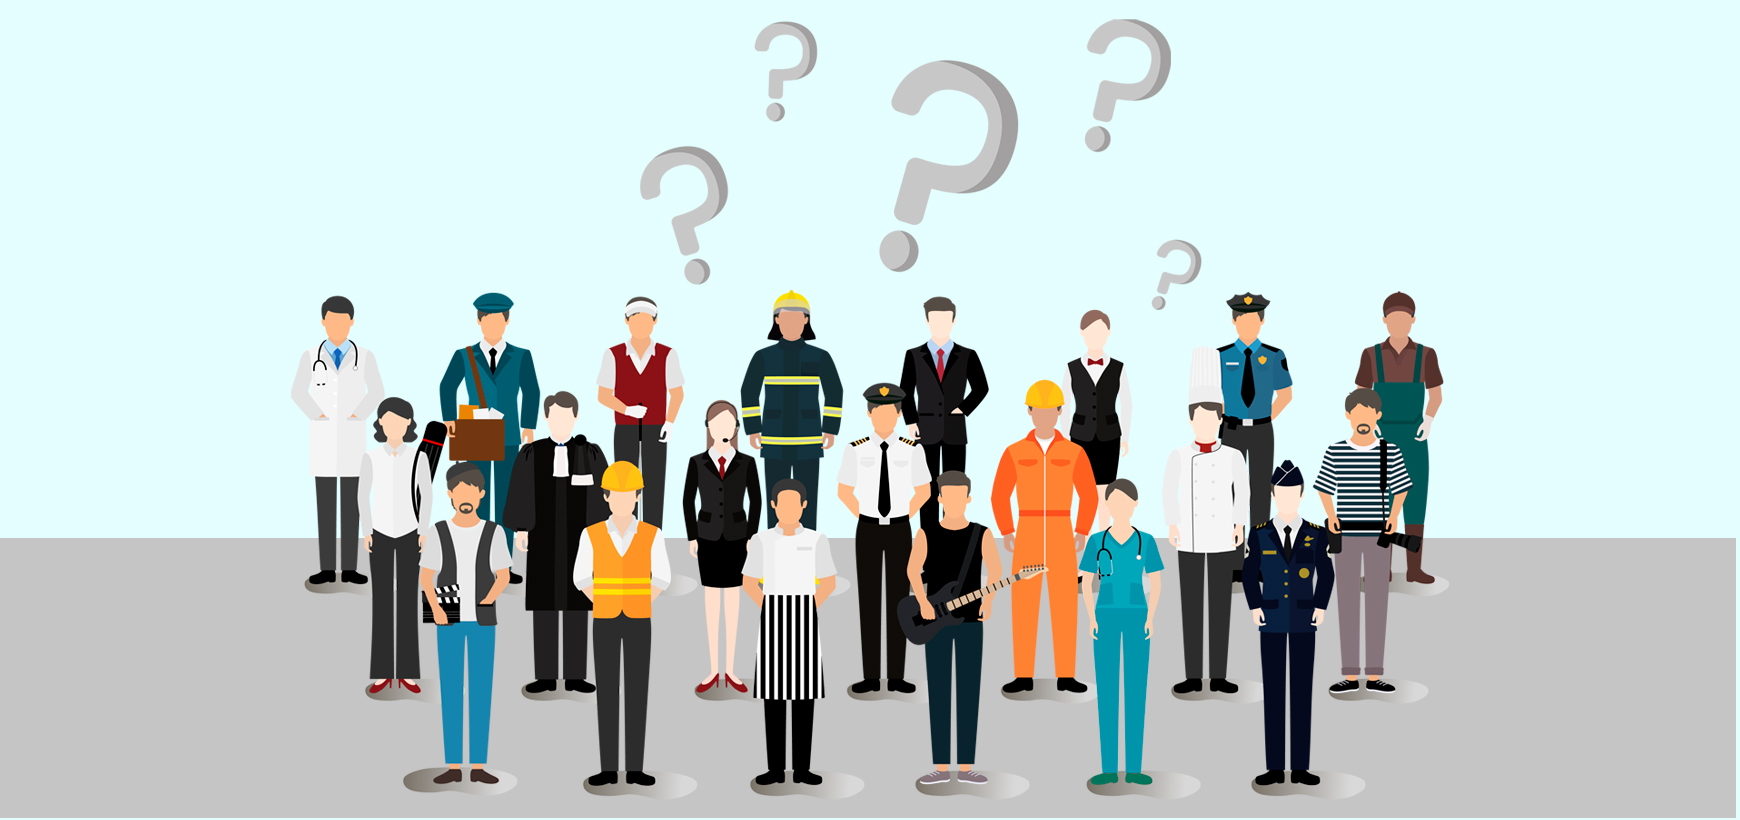 Представители каких профессий чаще других допускают просрочку по кредитам и займам?